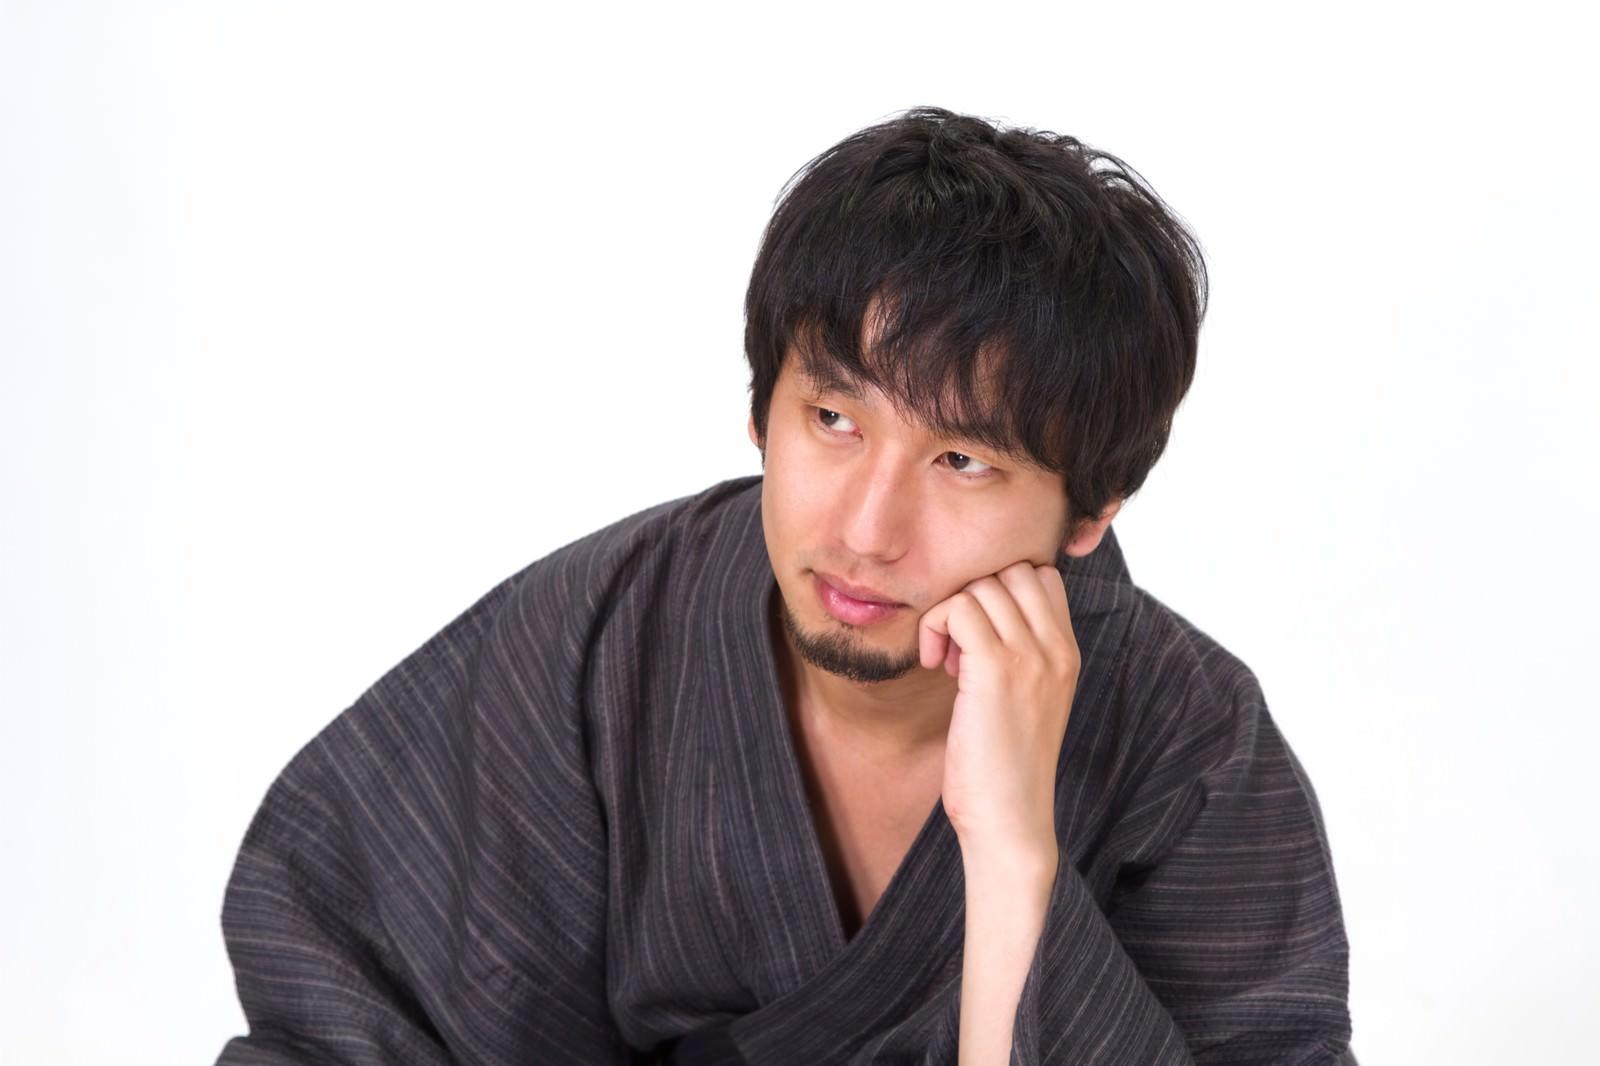 「肘立てて考える浴衣の男性」の写真[モデル:大川竜弥]